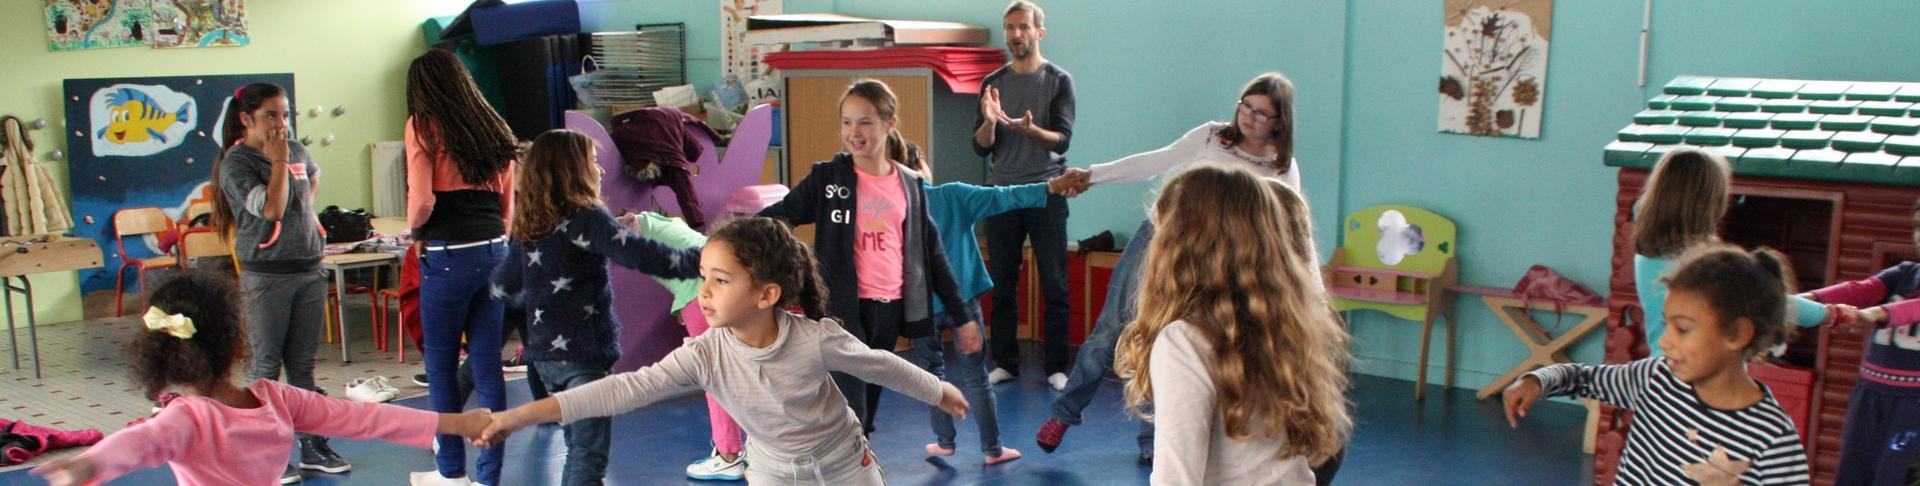 Les écoliers de Ploufragan dansent avec Alban